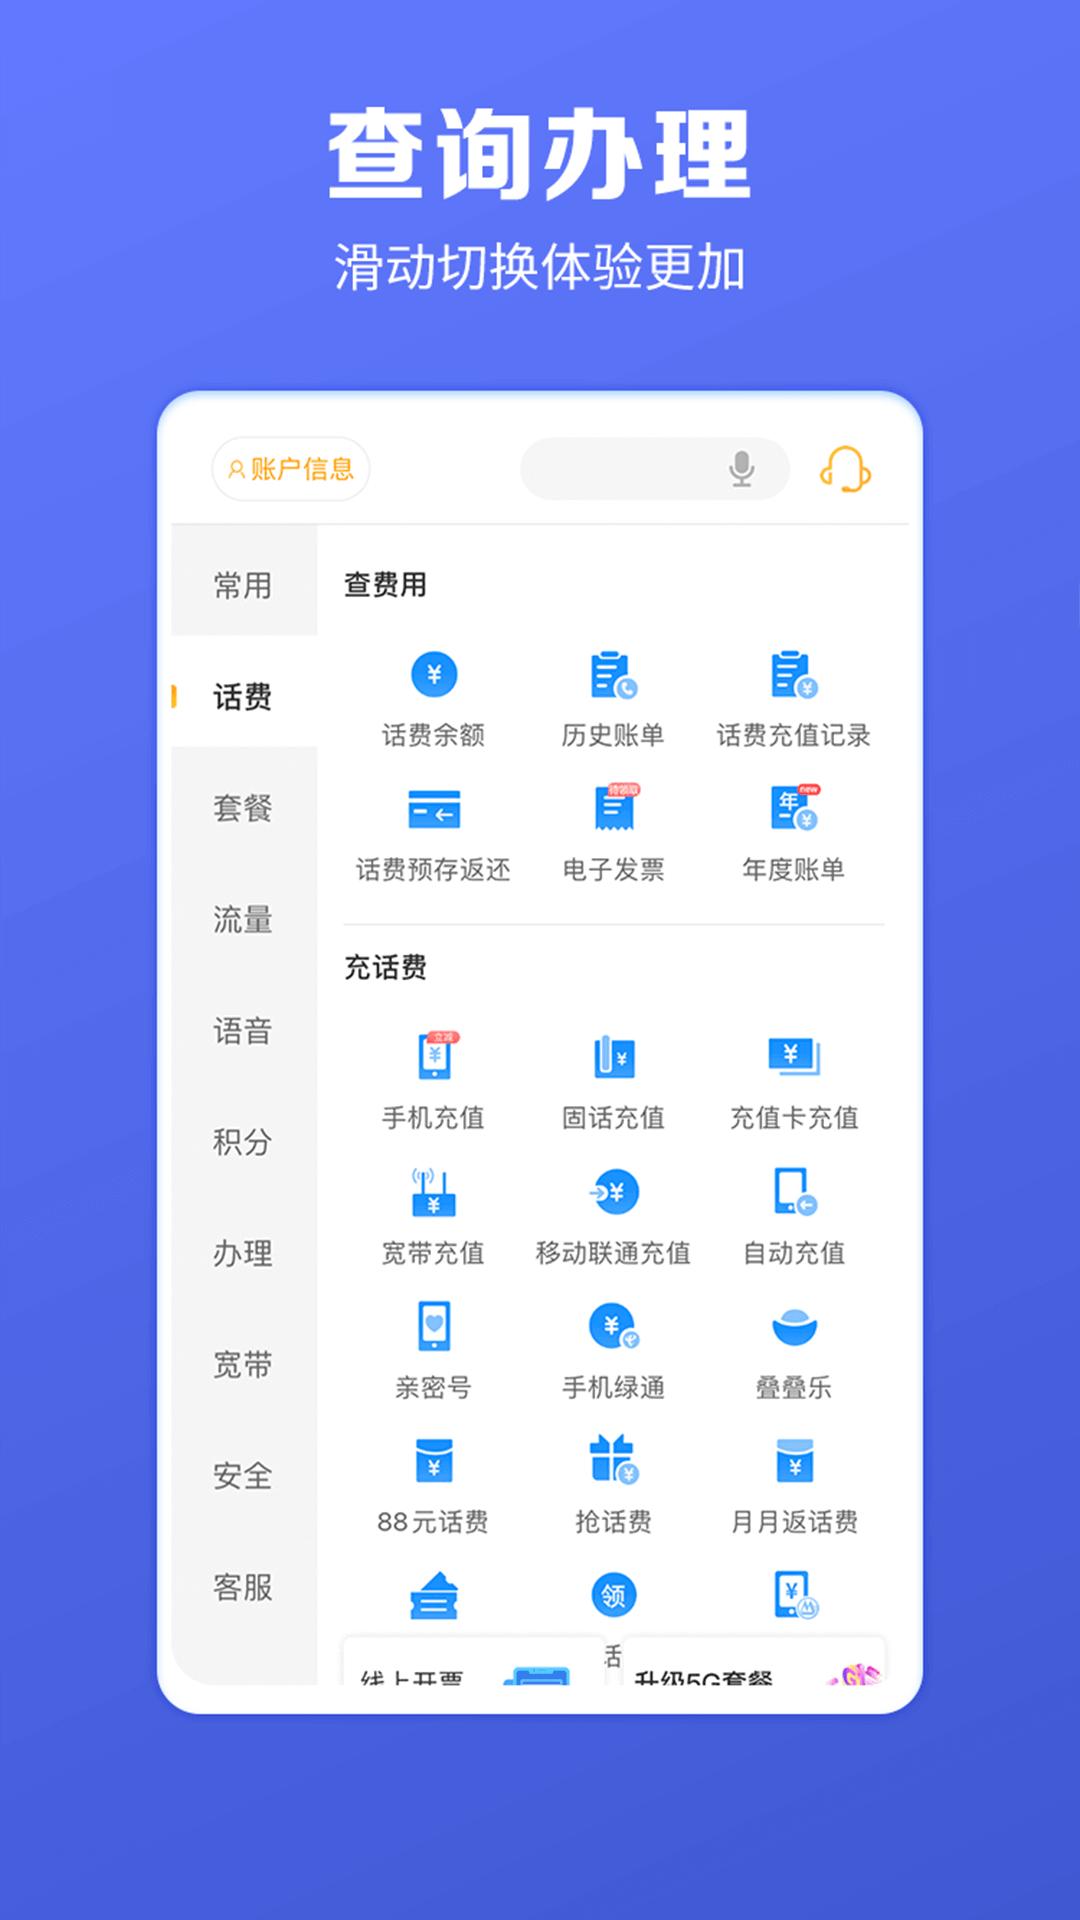 电信营业厅v8.8.0 安卓版